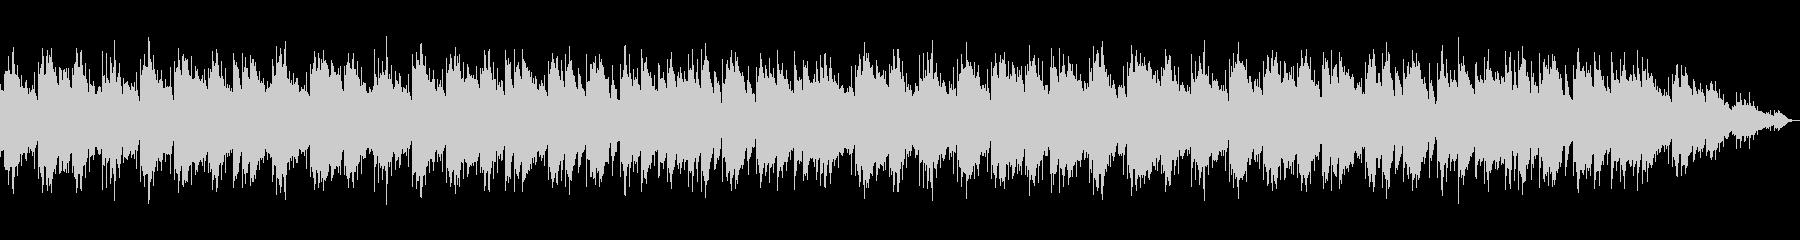 癒される雰囲気のオルゴールBGMの未再生の波形